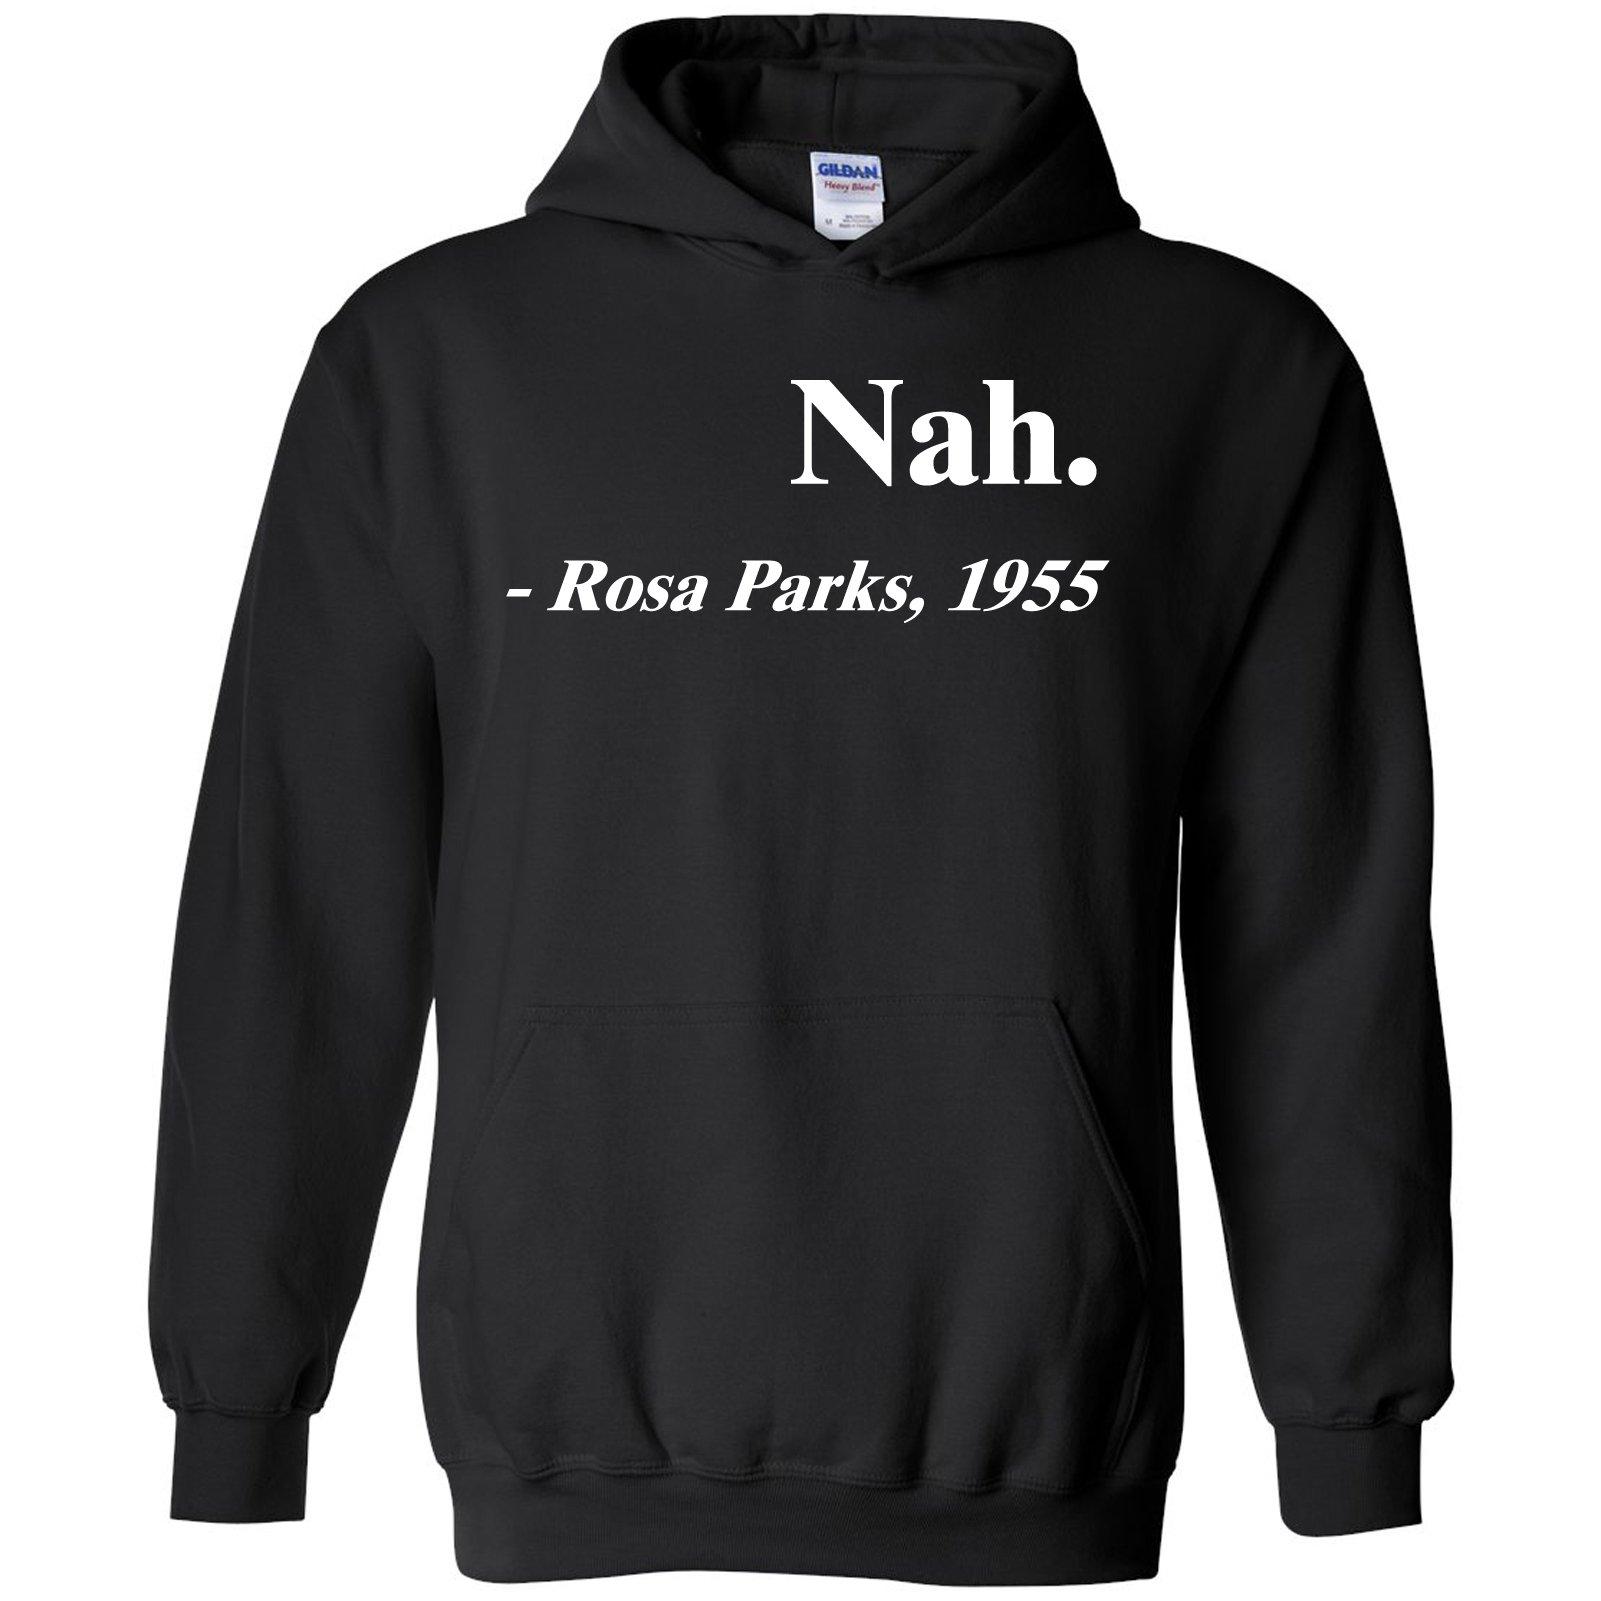 Rosa Parks Nah Basic Shirts